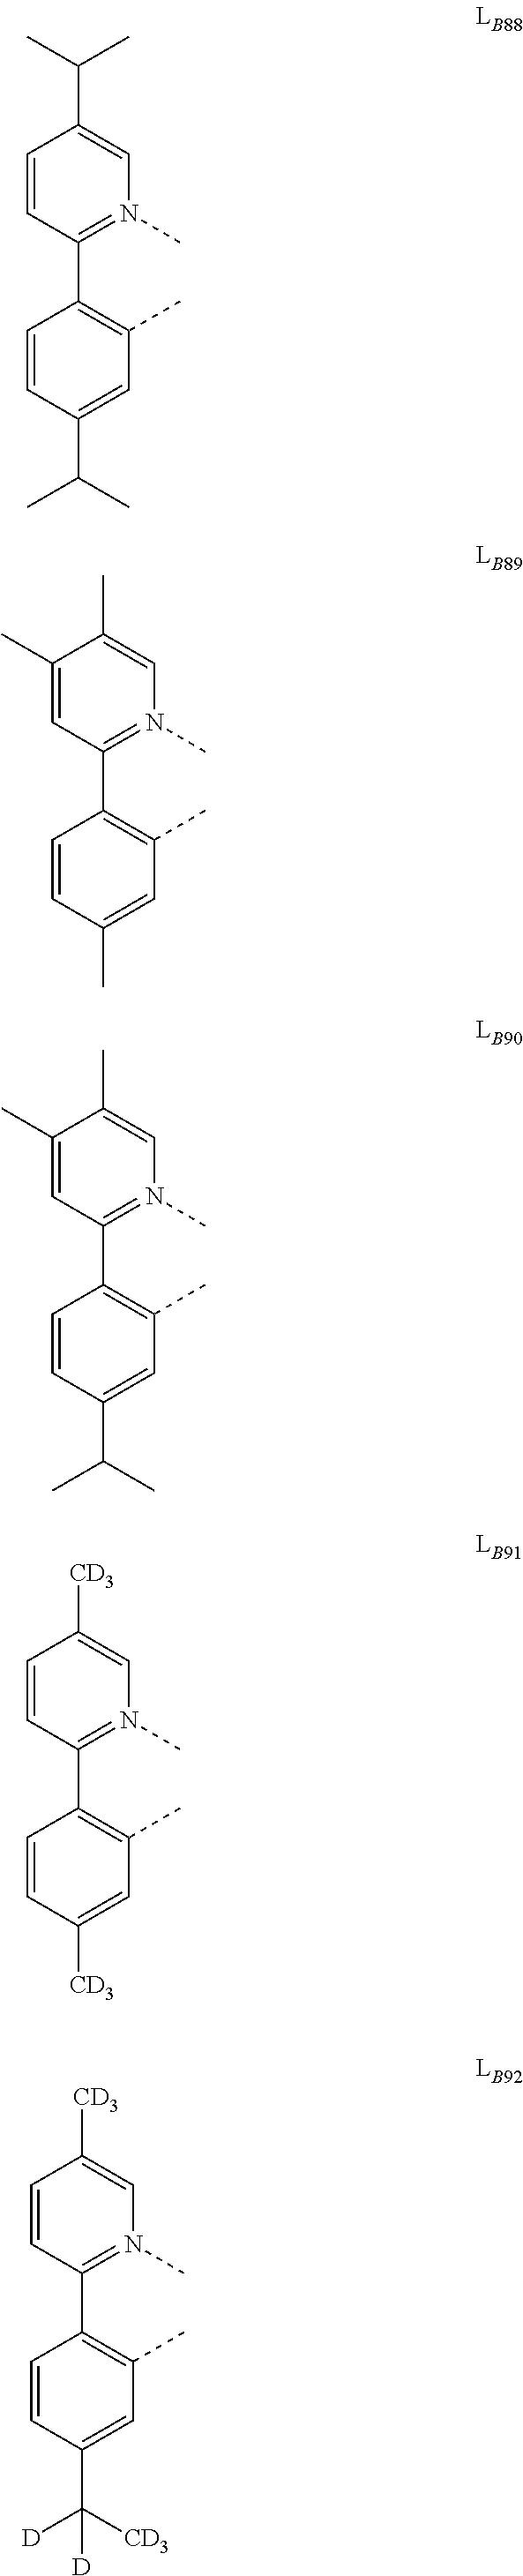 Figure US09929360-20180327-C00054